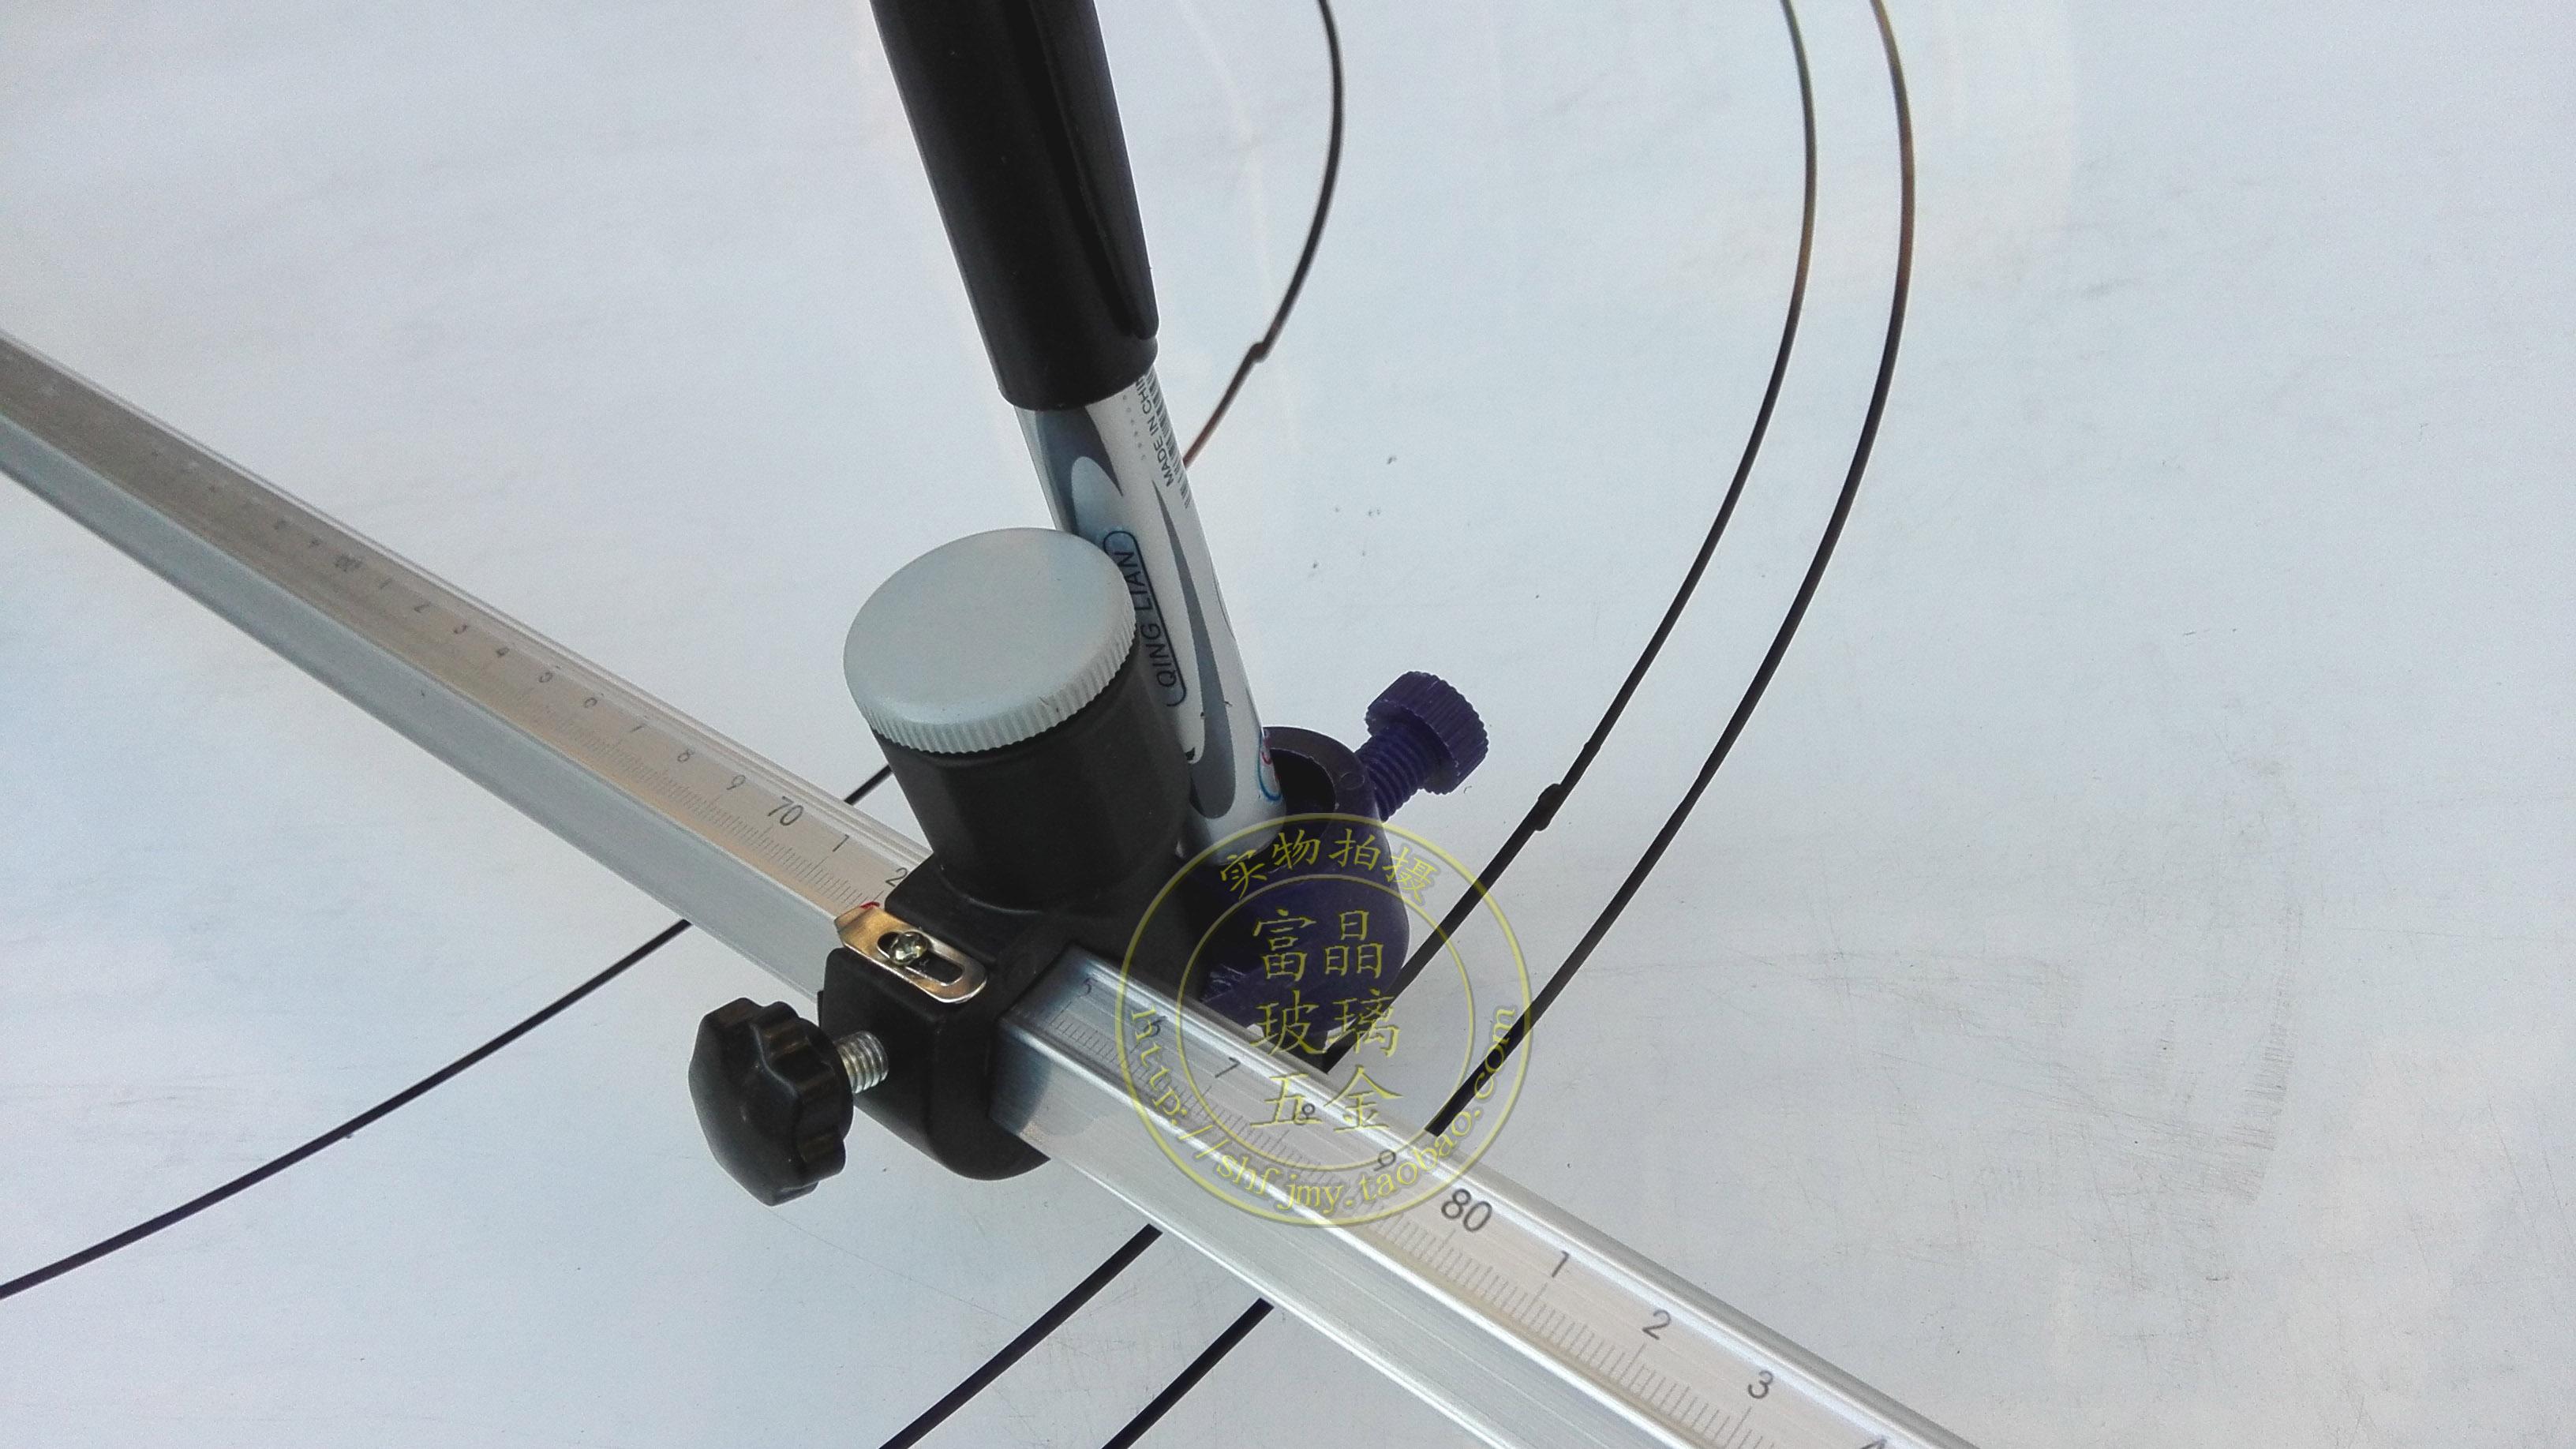 包邮 特大粗杆圆规 铅笔 白板粉笔 记号笔 夹笔器画圆工具 画圆器